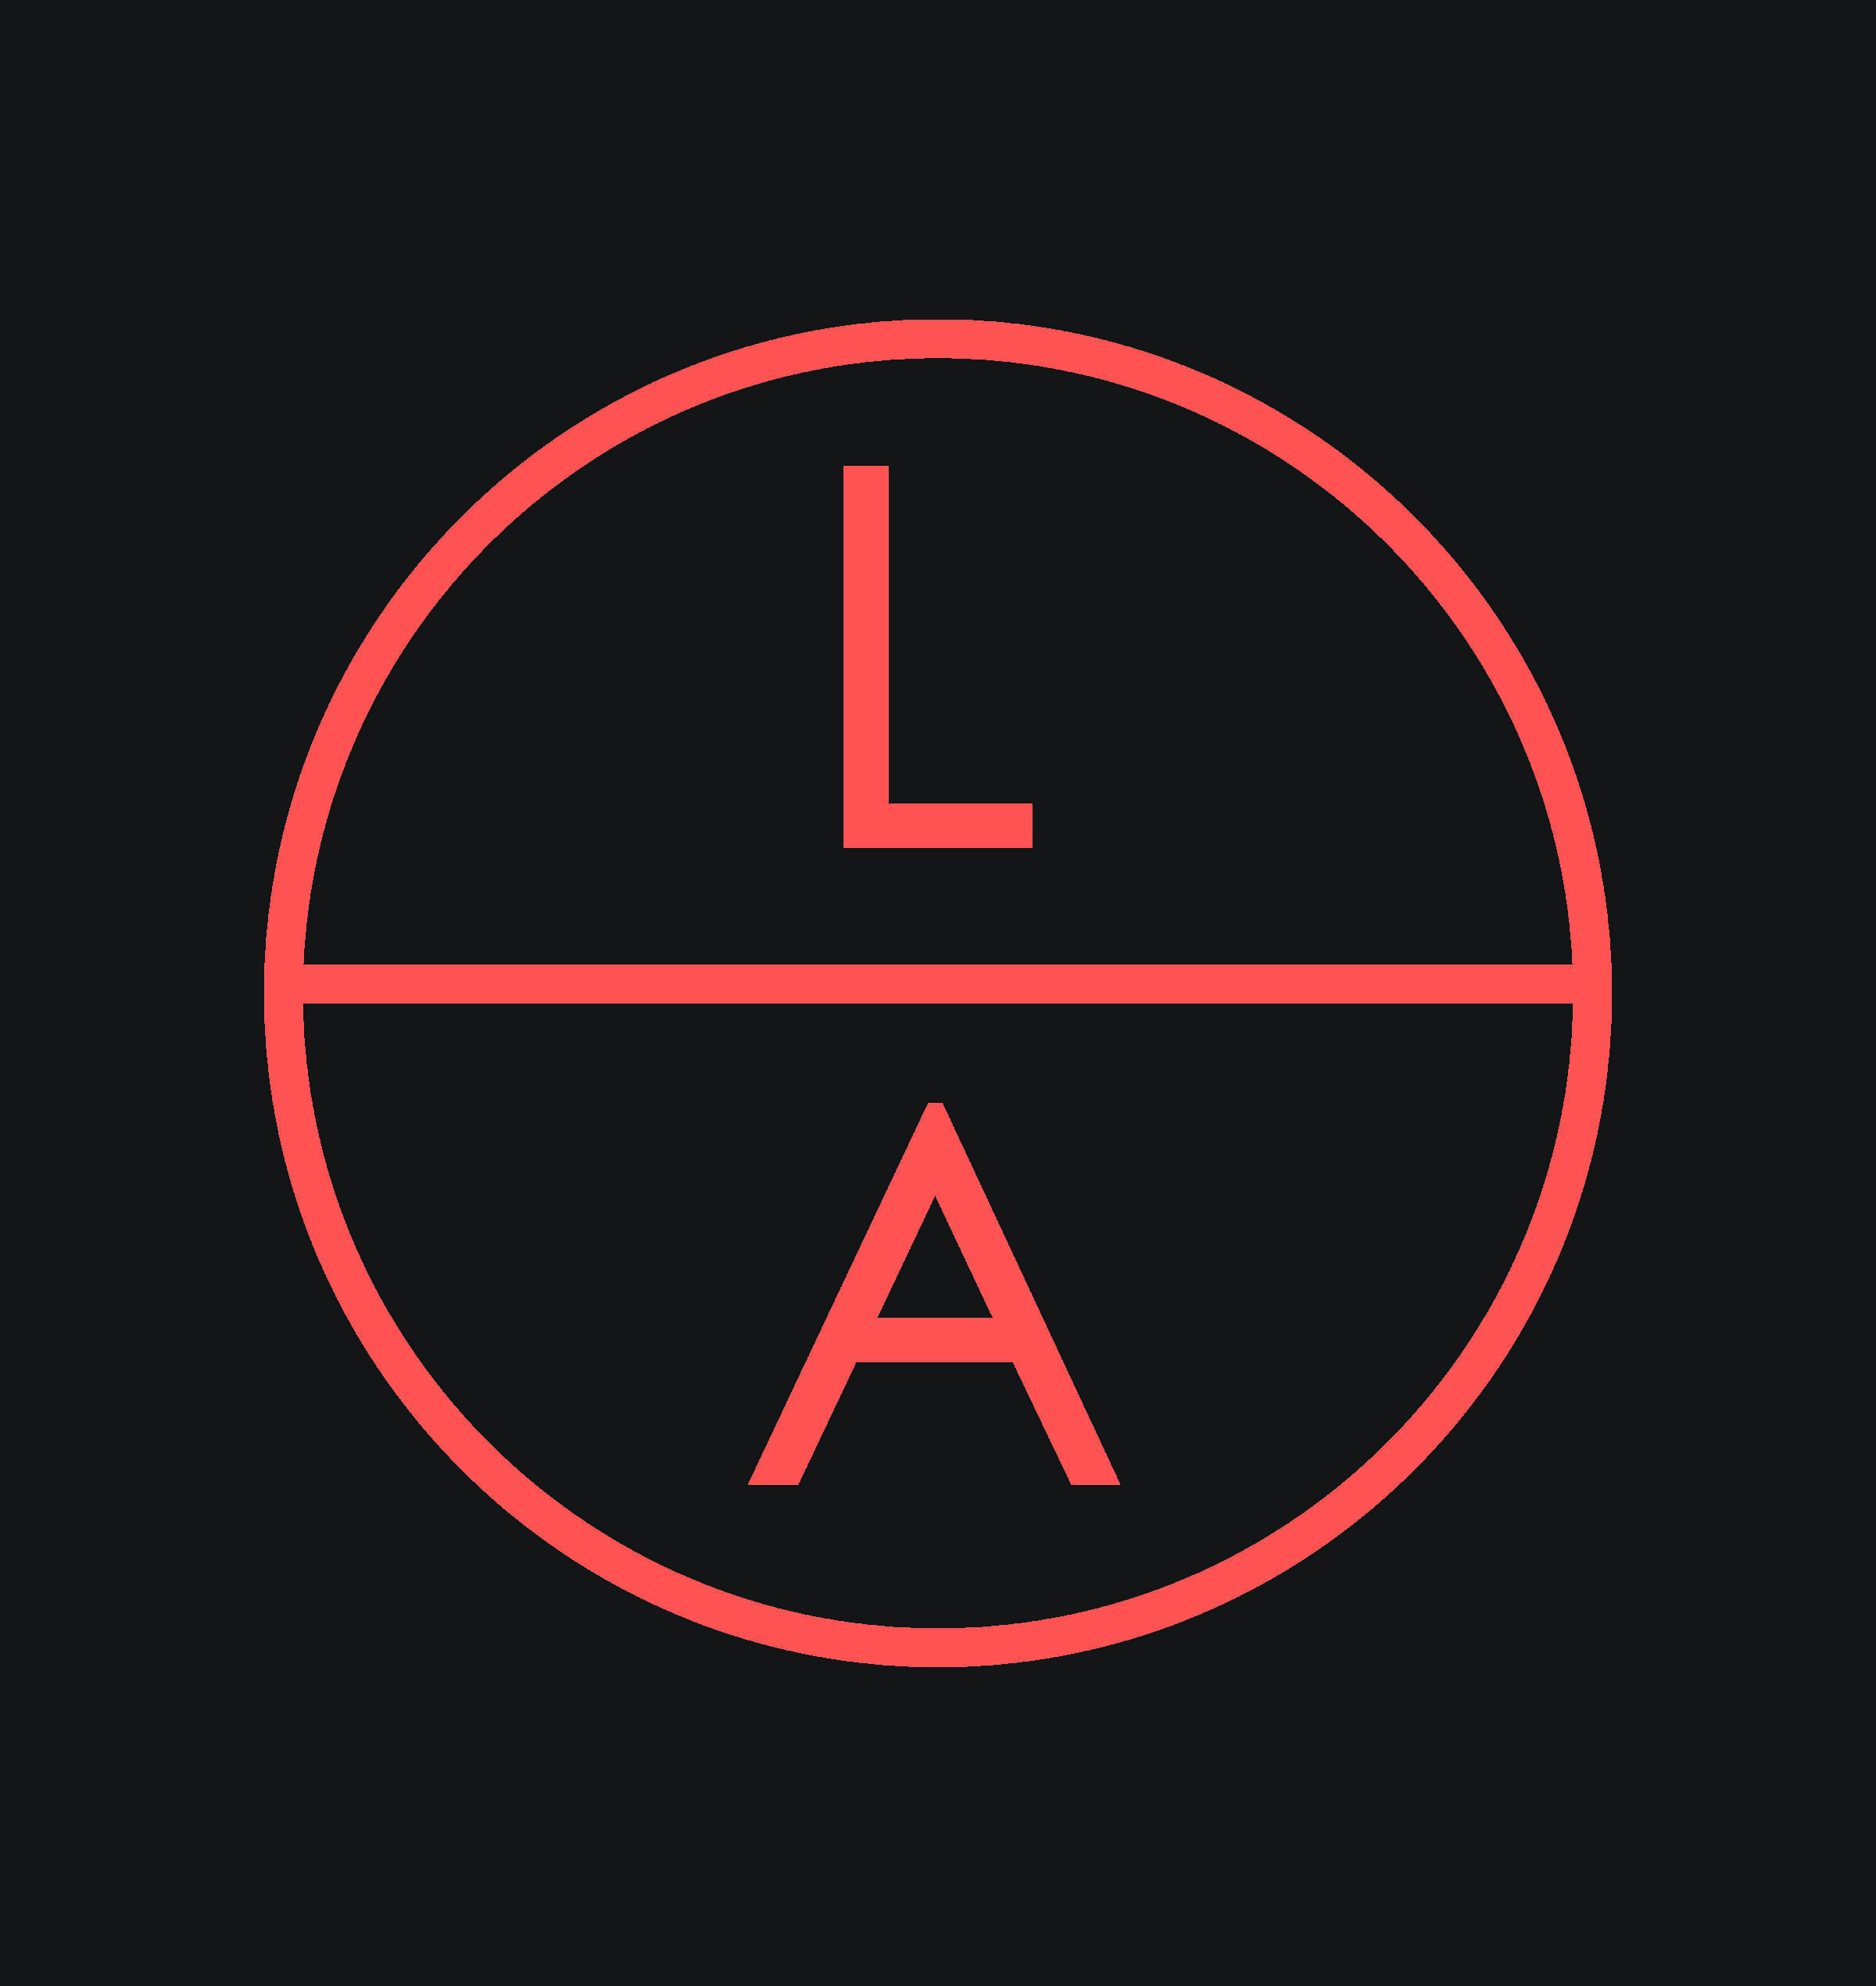 LA on Black-1 copy.jpg